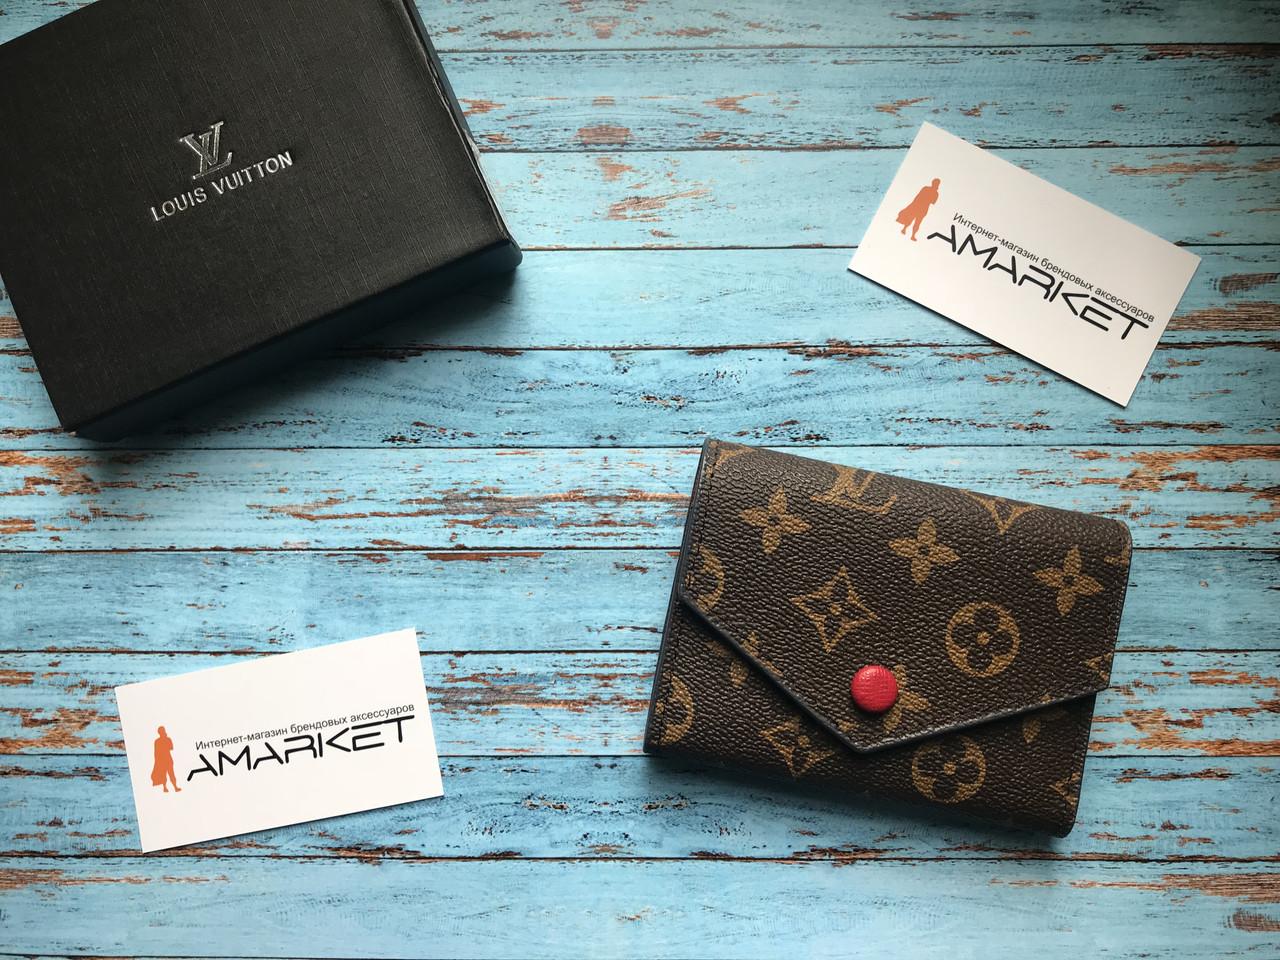 8c6905387646 Кошелек клатч портмоне бумажник коричневый женский Louis Vuitton премиум  реплика - AMARKET - Интернет-магазин